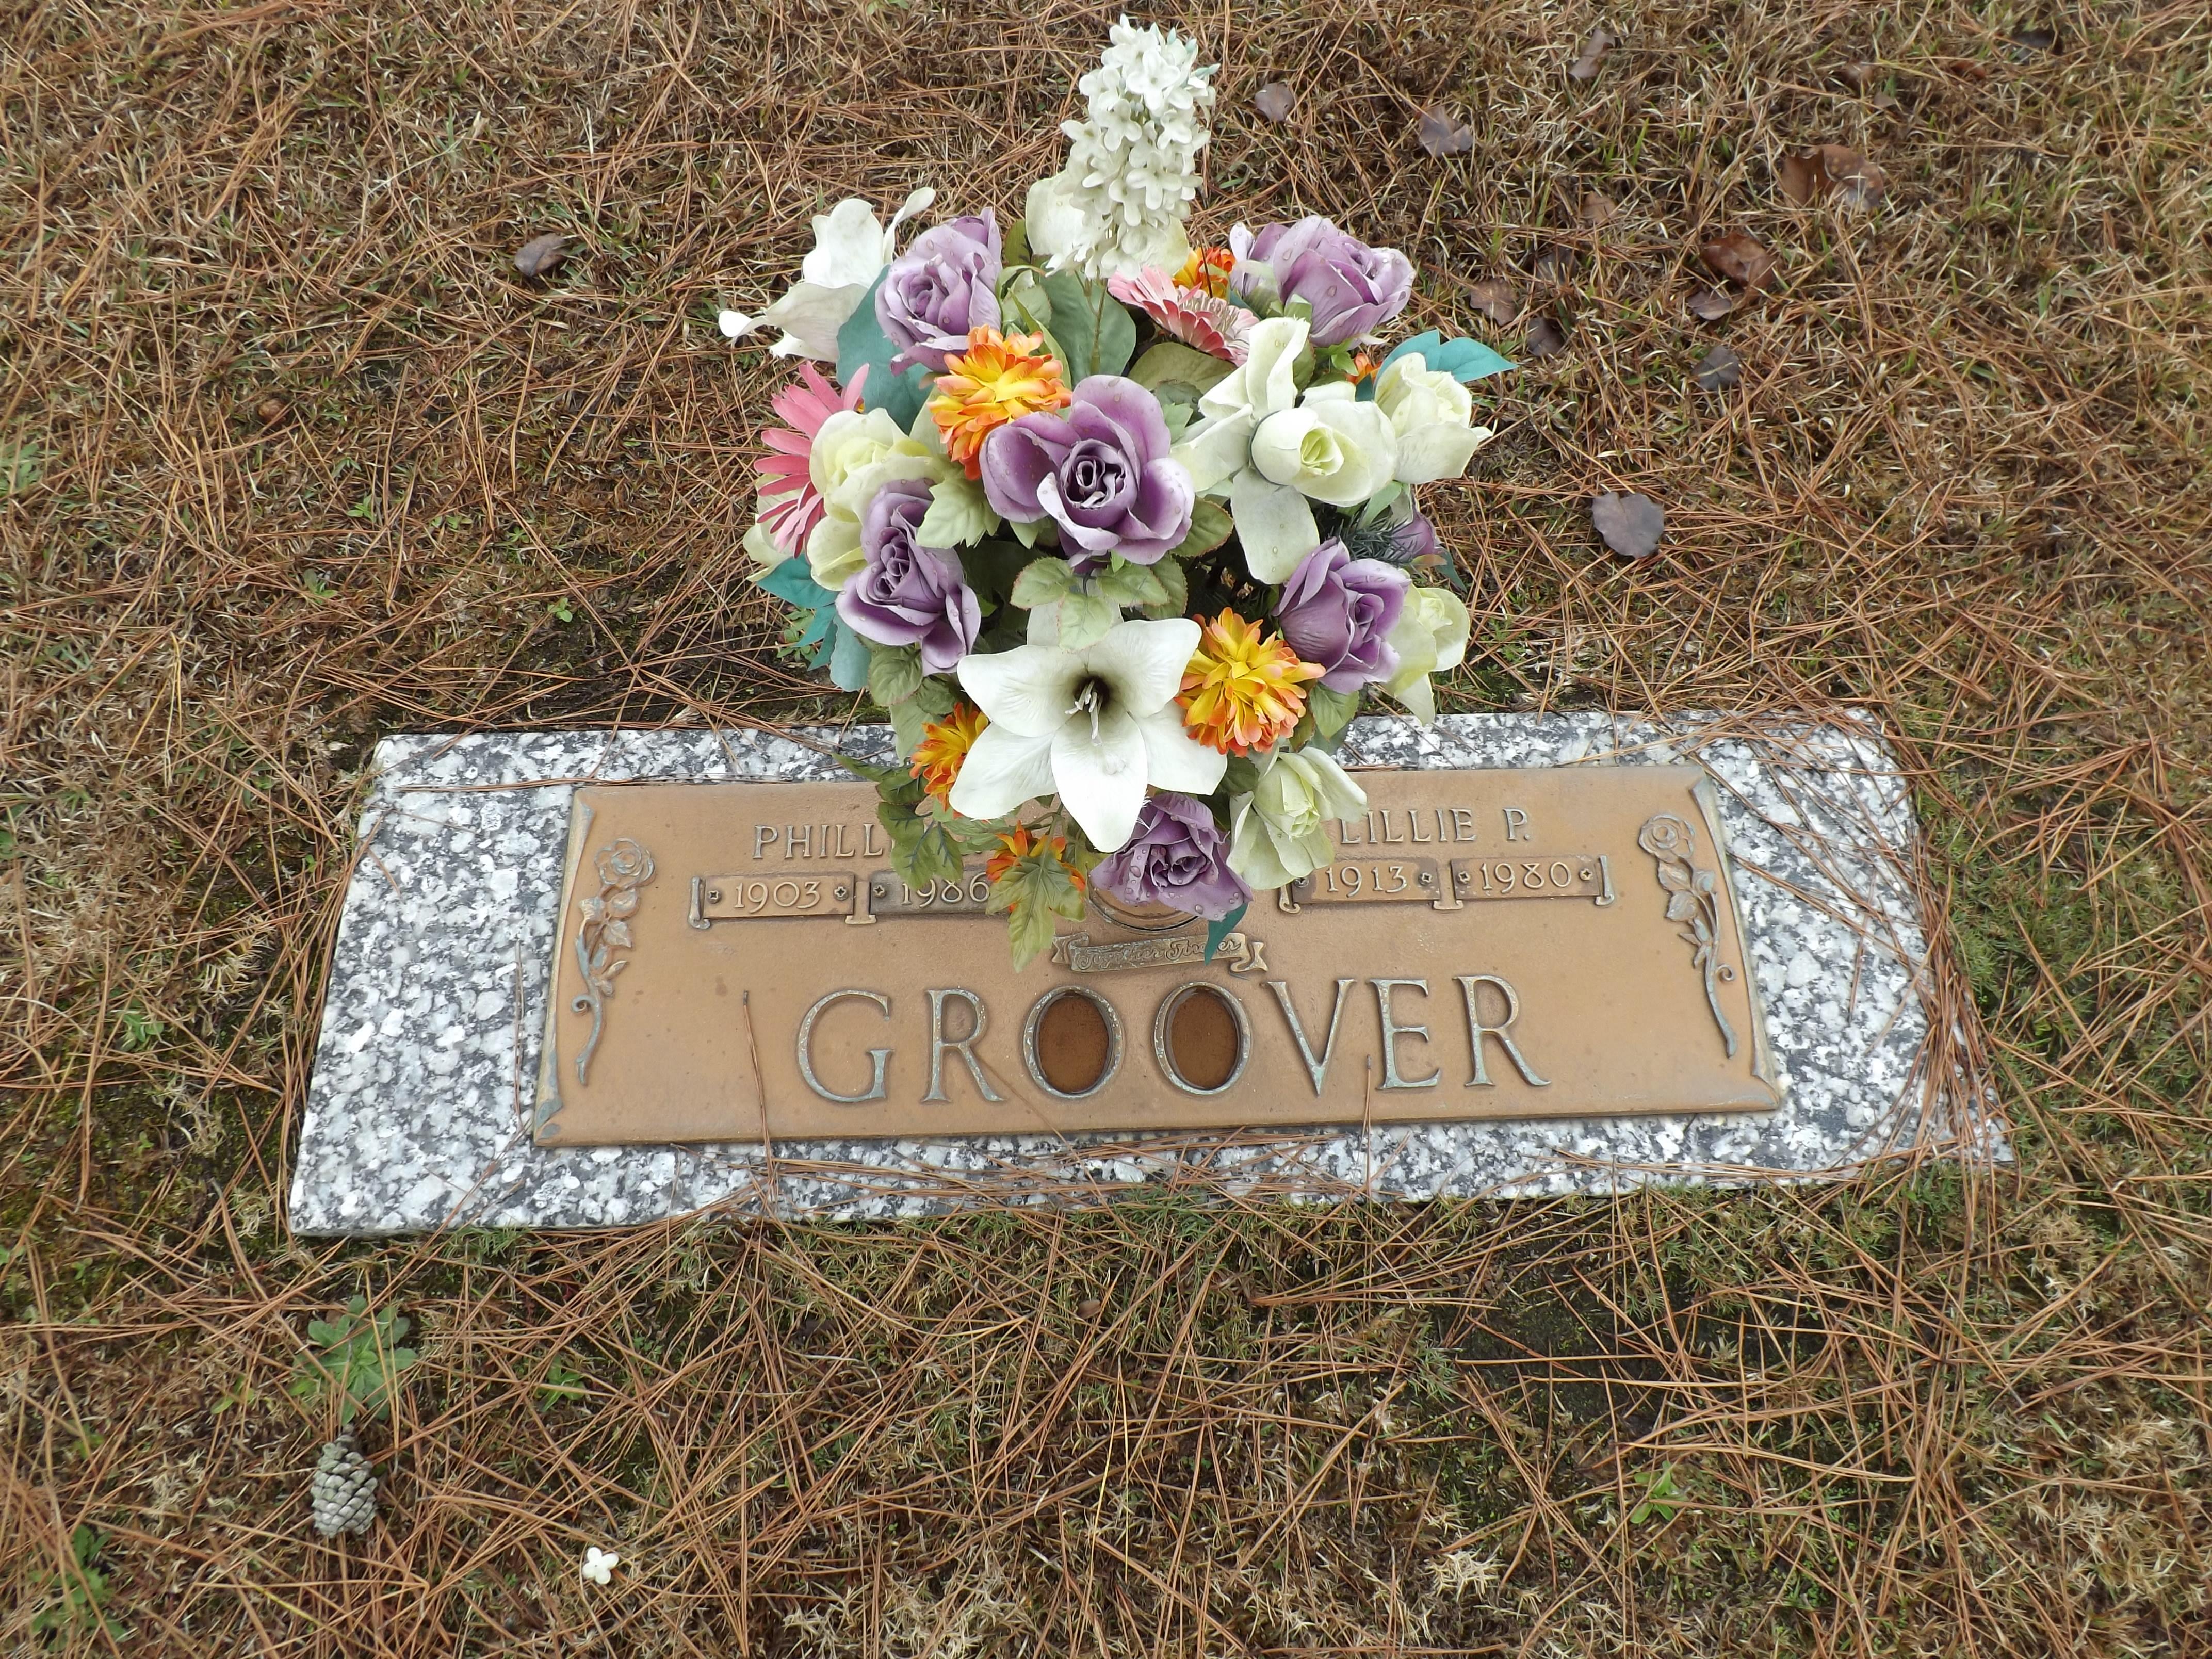 Phillip J. Groover (1903-1986) - Find A Grave Memorial